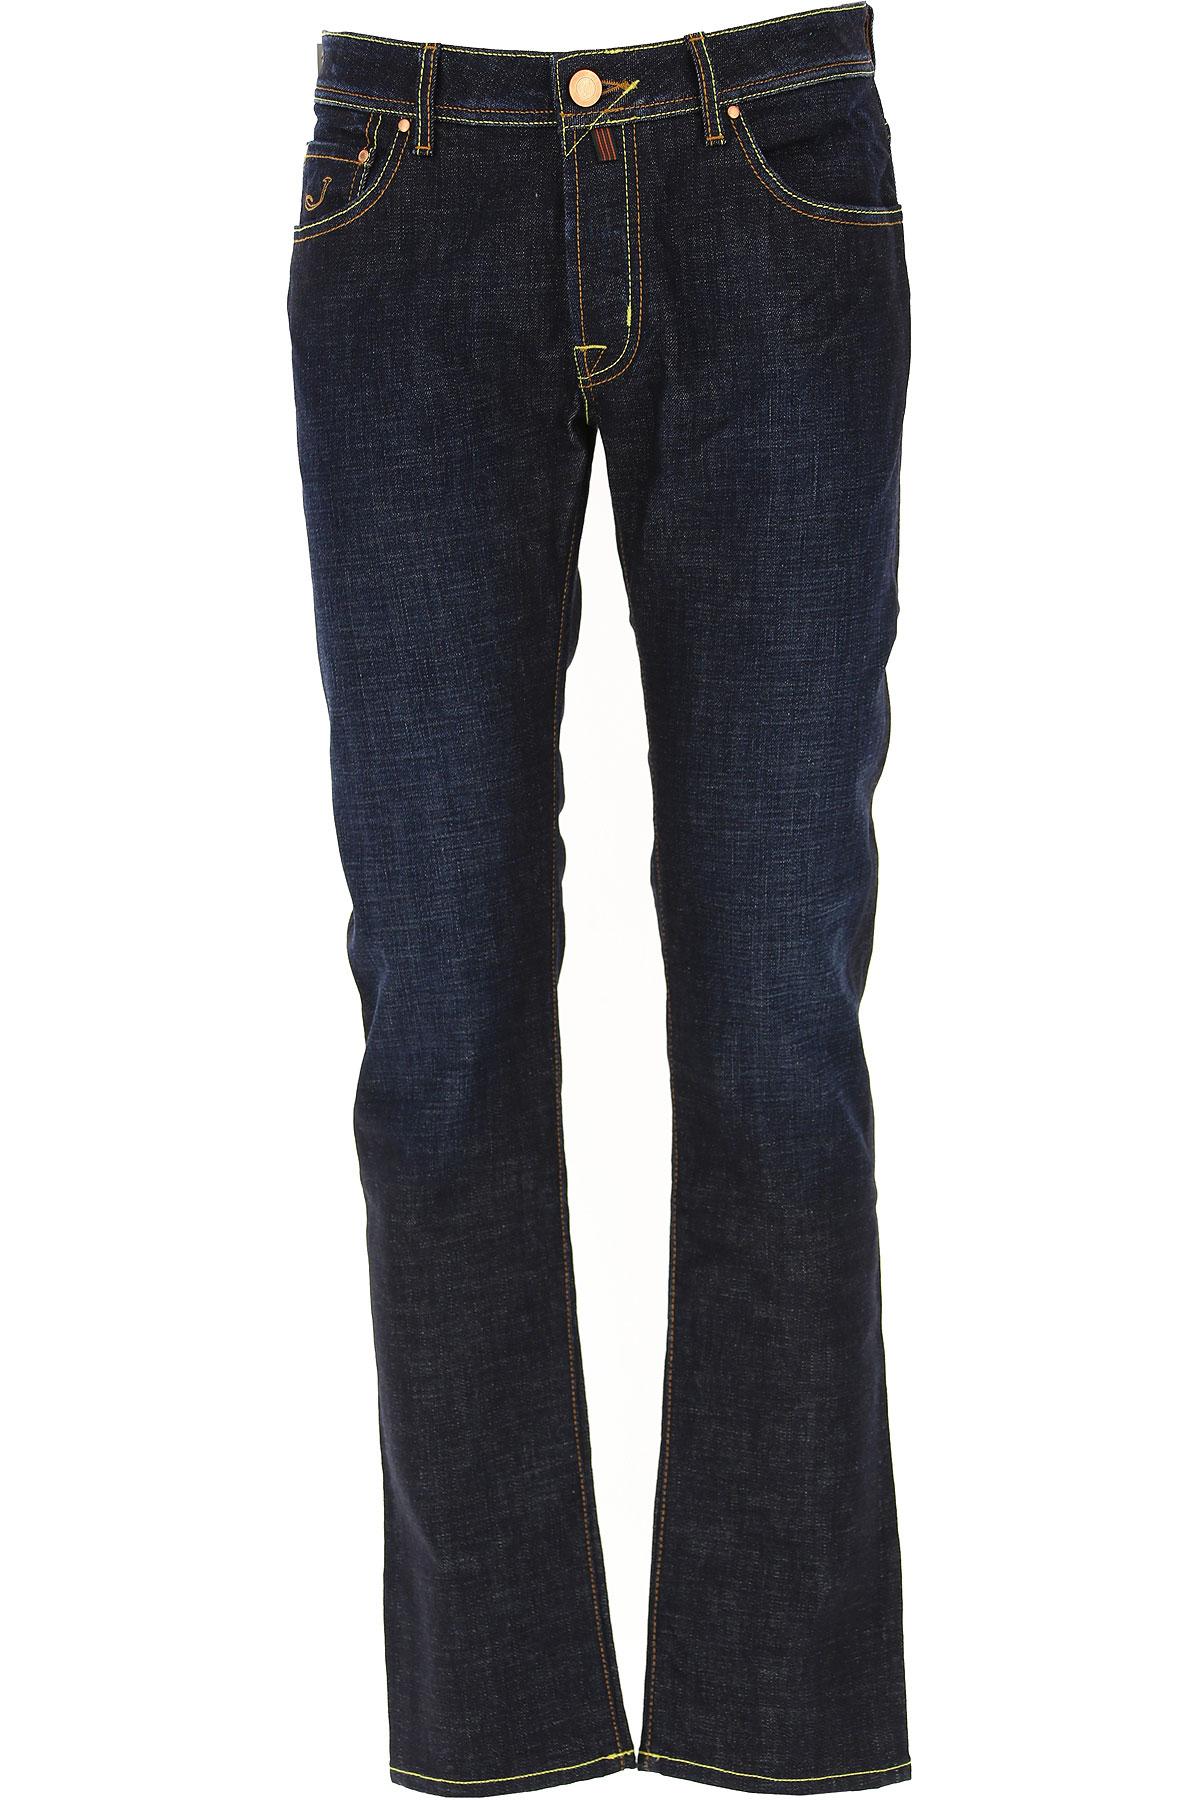 Jacob Cohen Jeans On Sale, Blue Denim, Cotton, 2019, 32 33 34 36 38